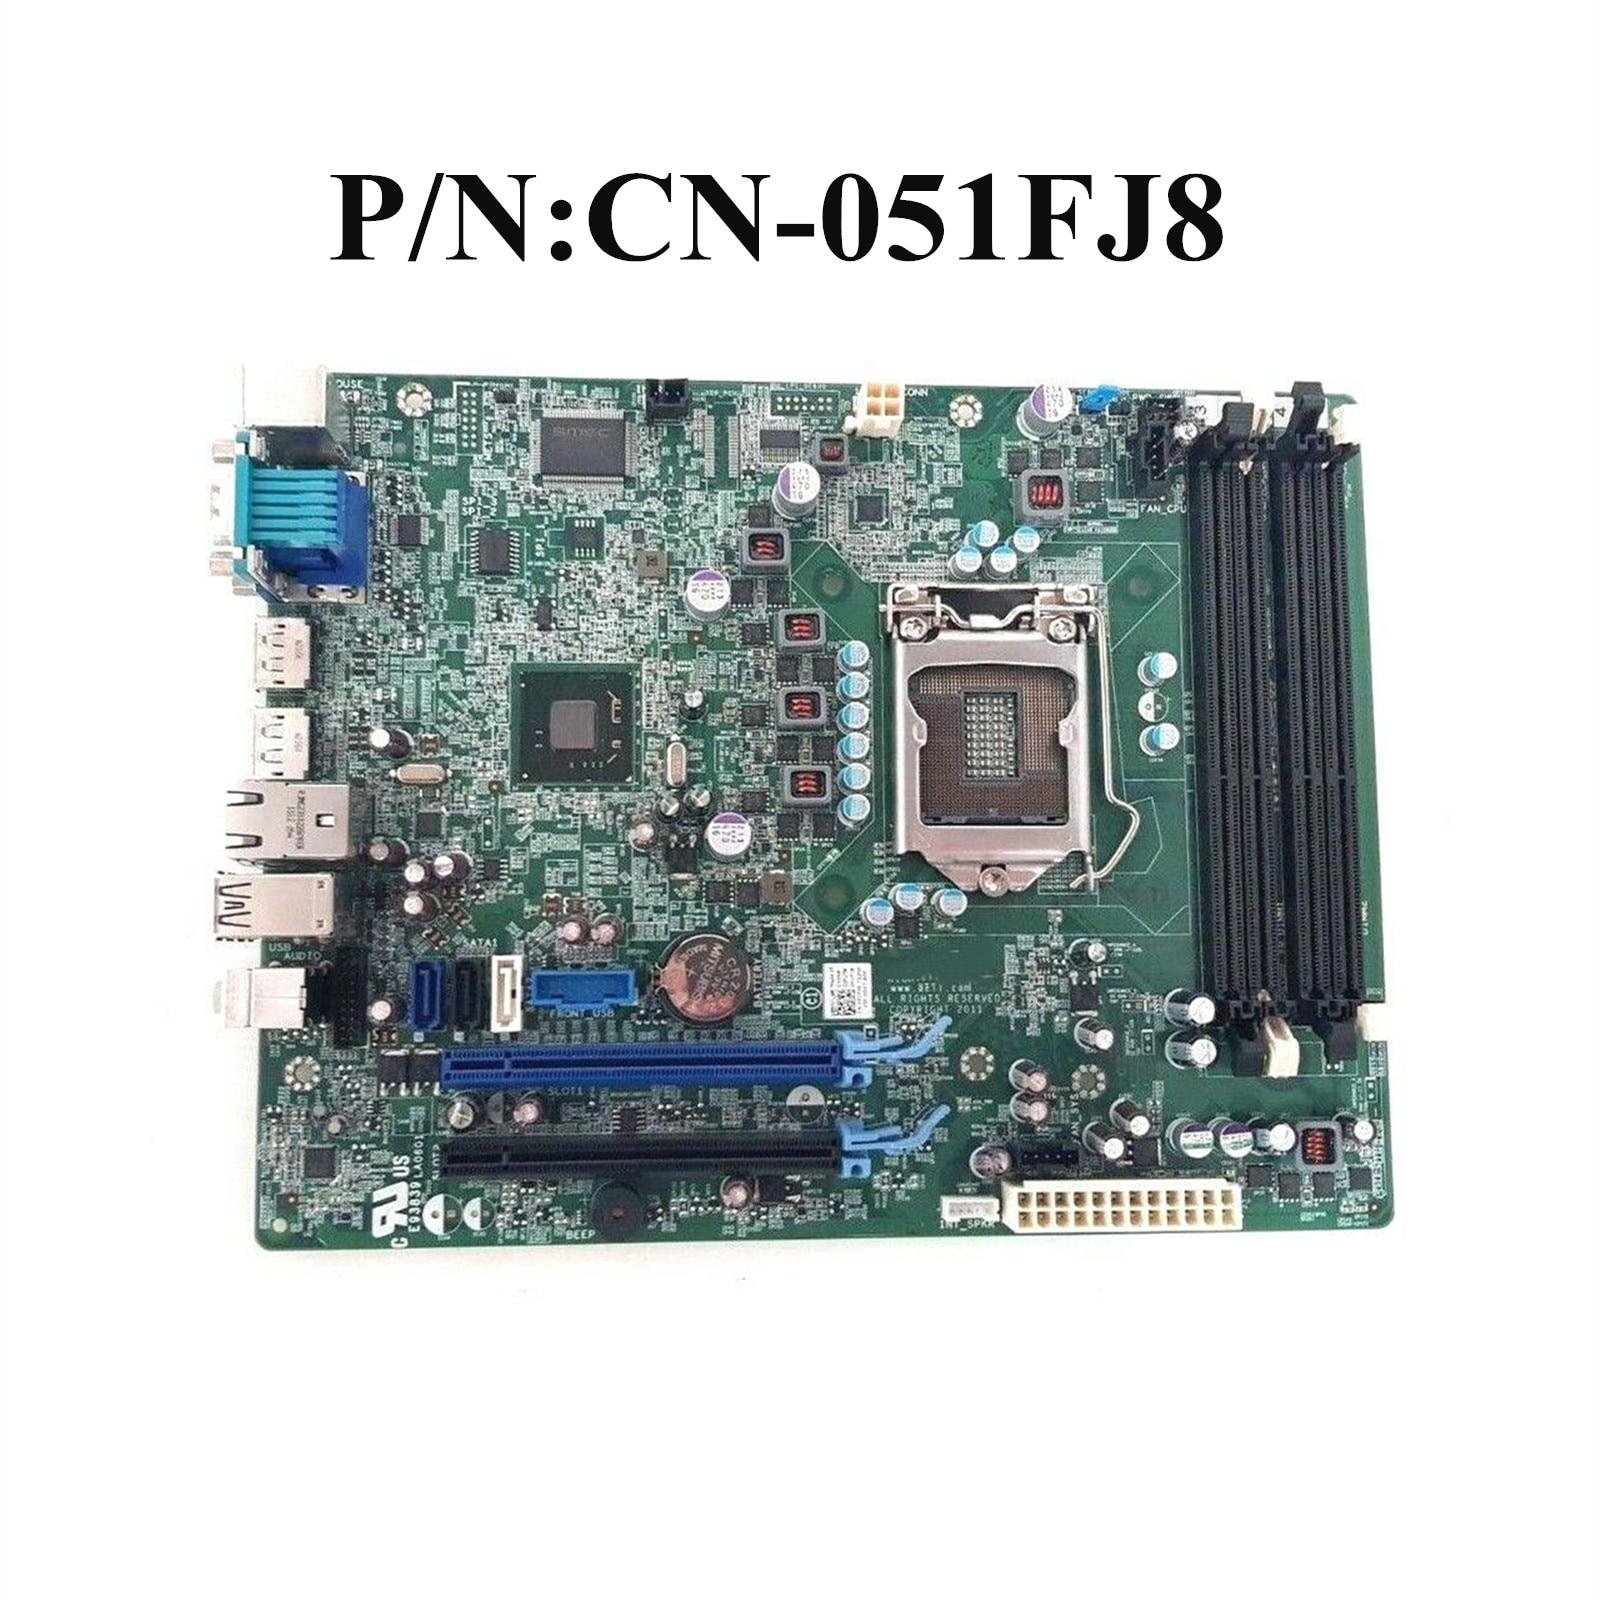 Excelente Para DELL Optiplex 7010 SFF SFF 9010 Sistema Motherboard LGA1155 GXM1W WR7PY 51FJ8 F3KHR 0GXM1W 0WR7PY 051FJ8 0F3KHR